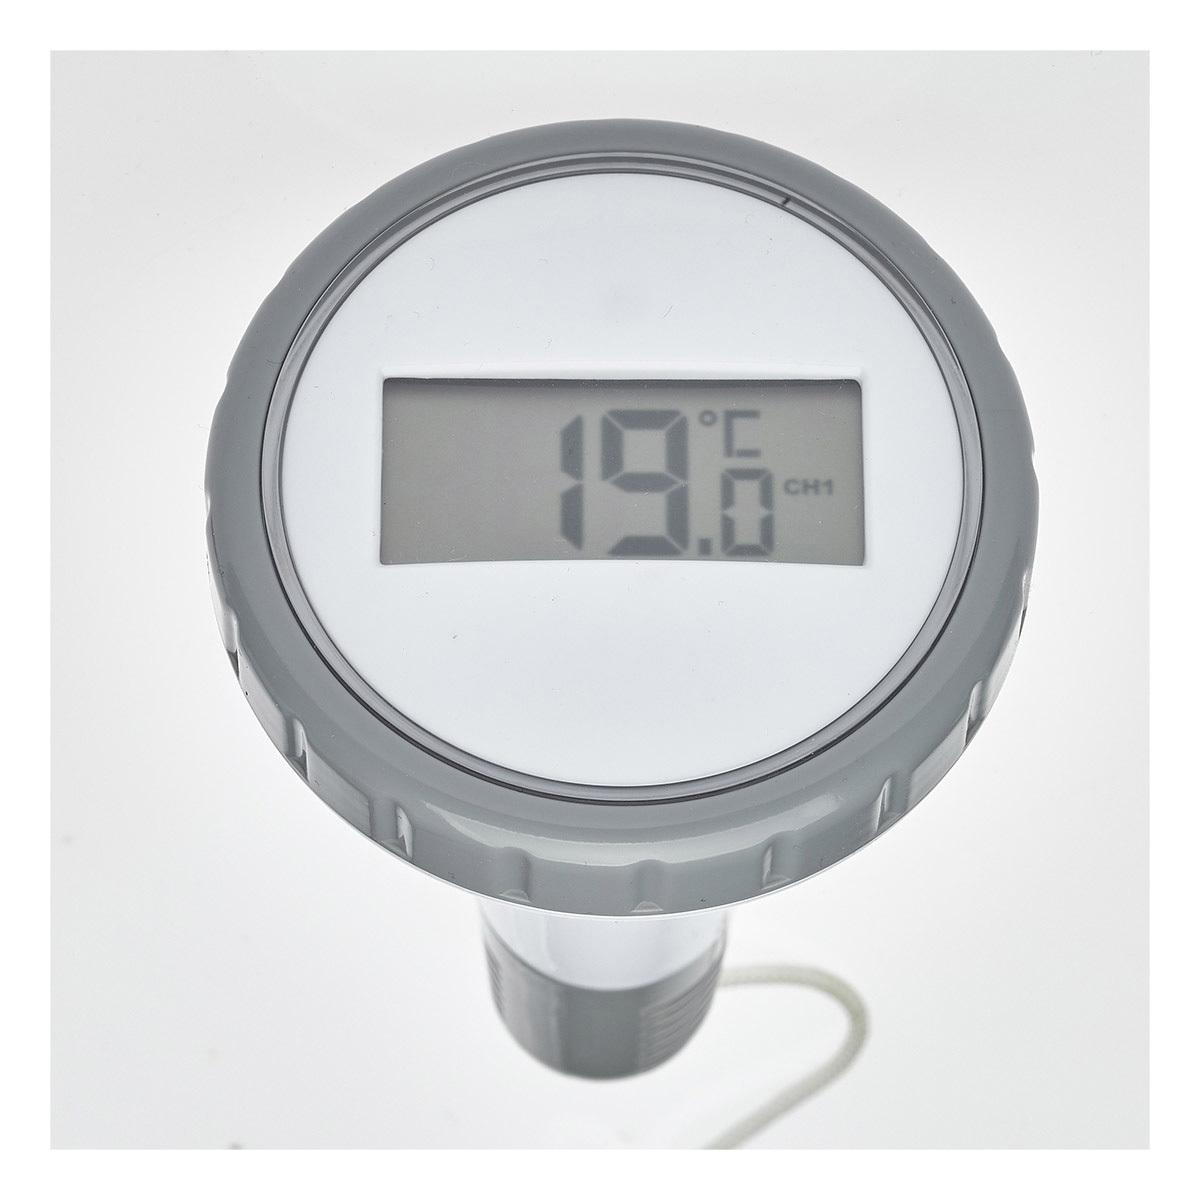 30-3240-10-poolsender-mit-display-ansicht-1200x1200px.jpg